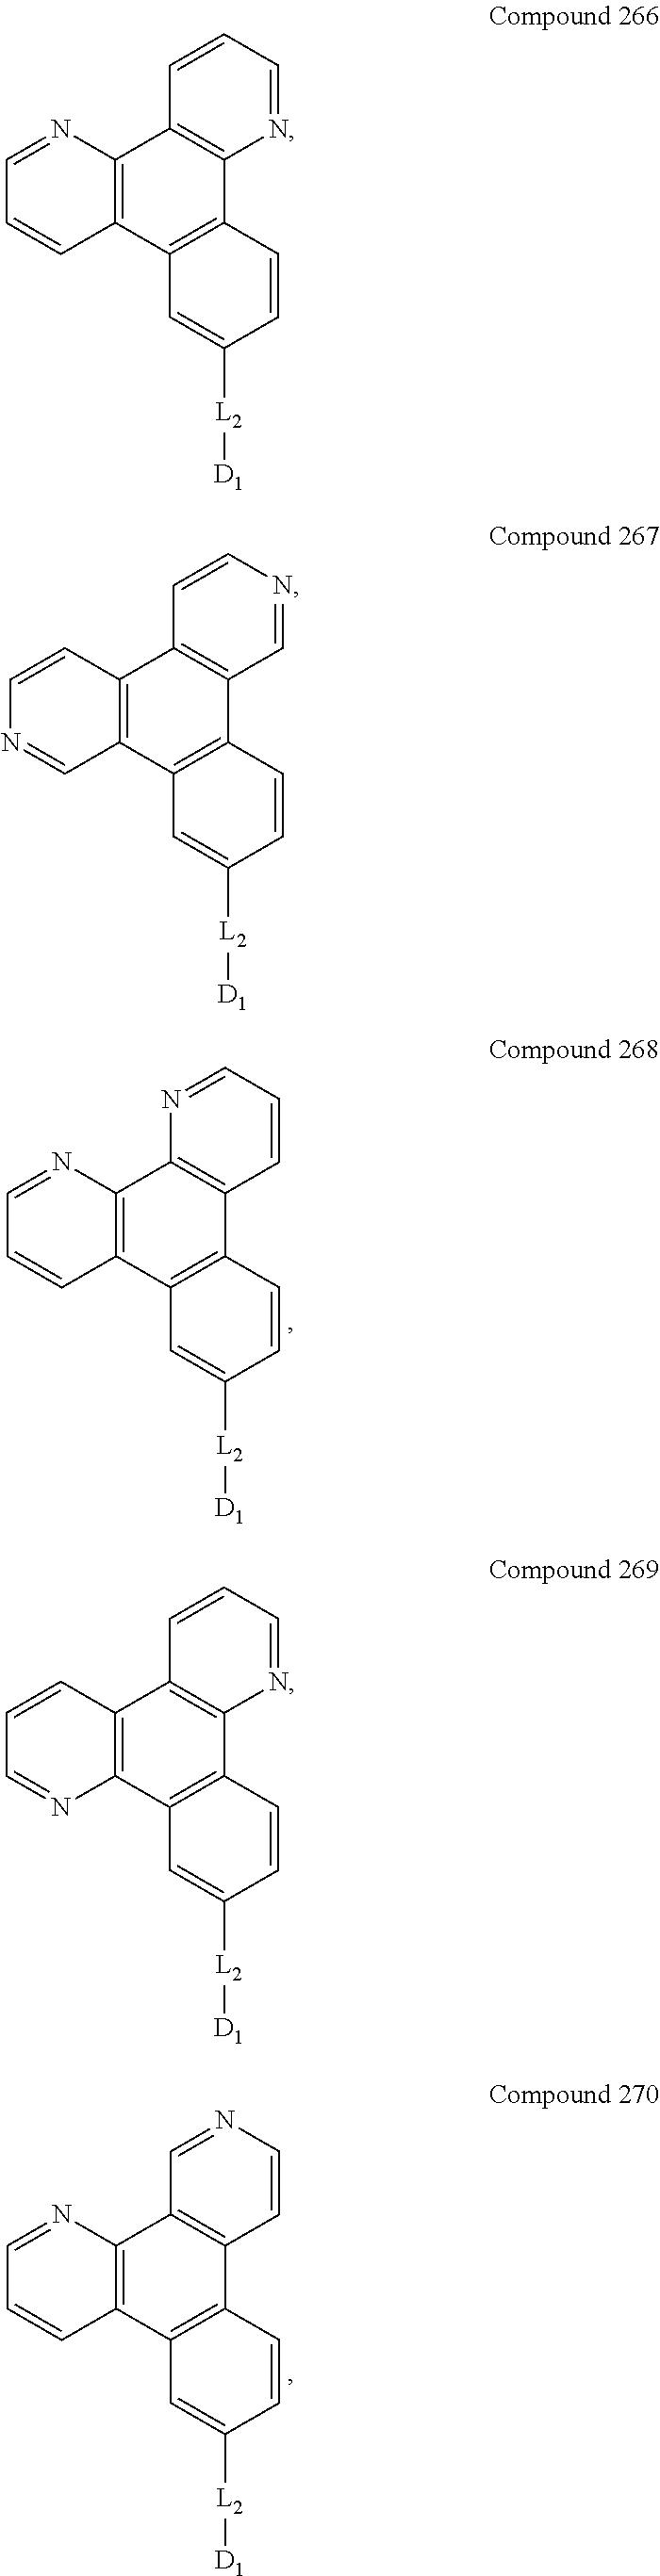 Figure US09537106-20170103-C00209